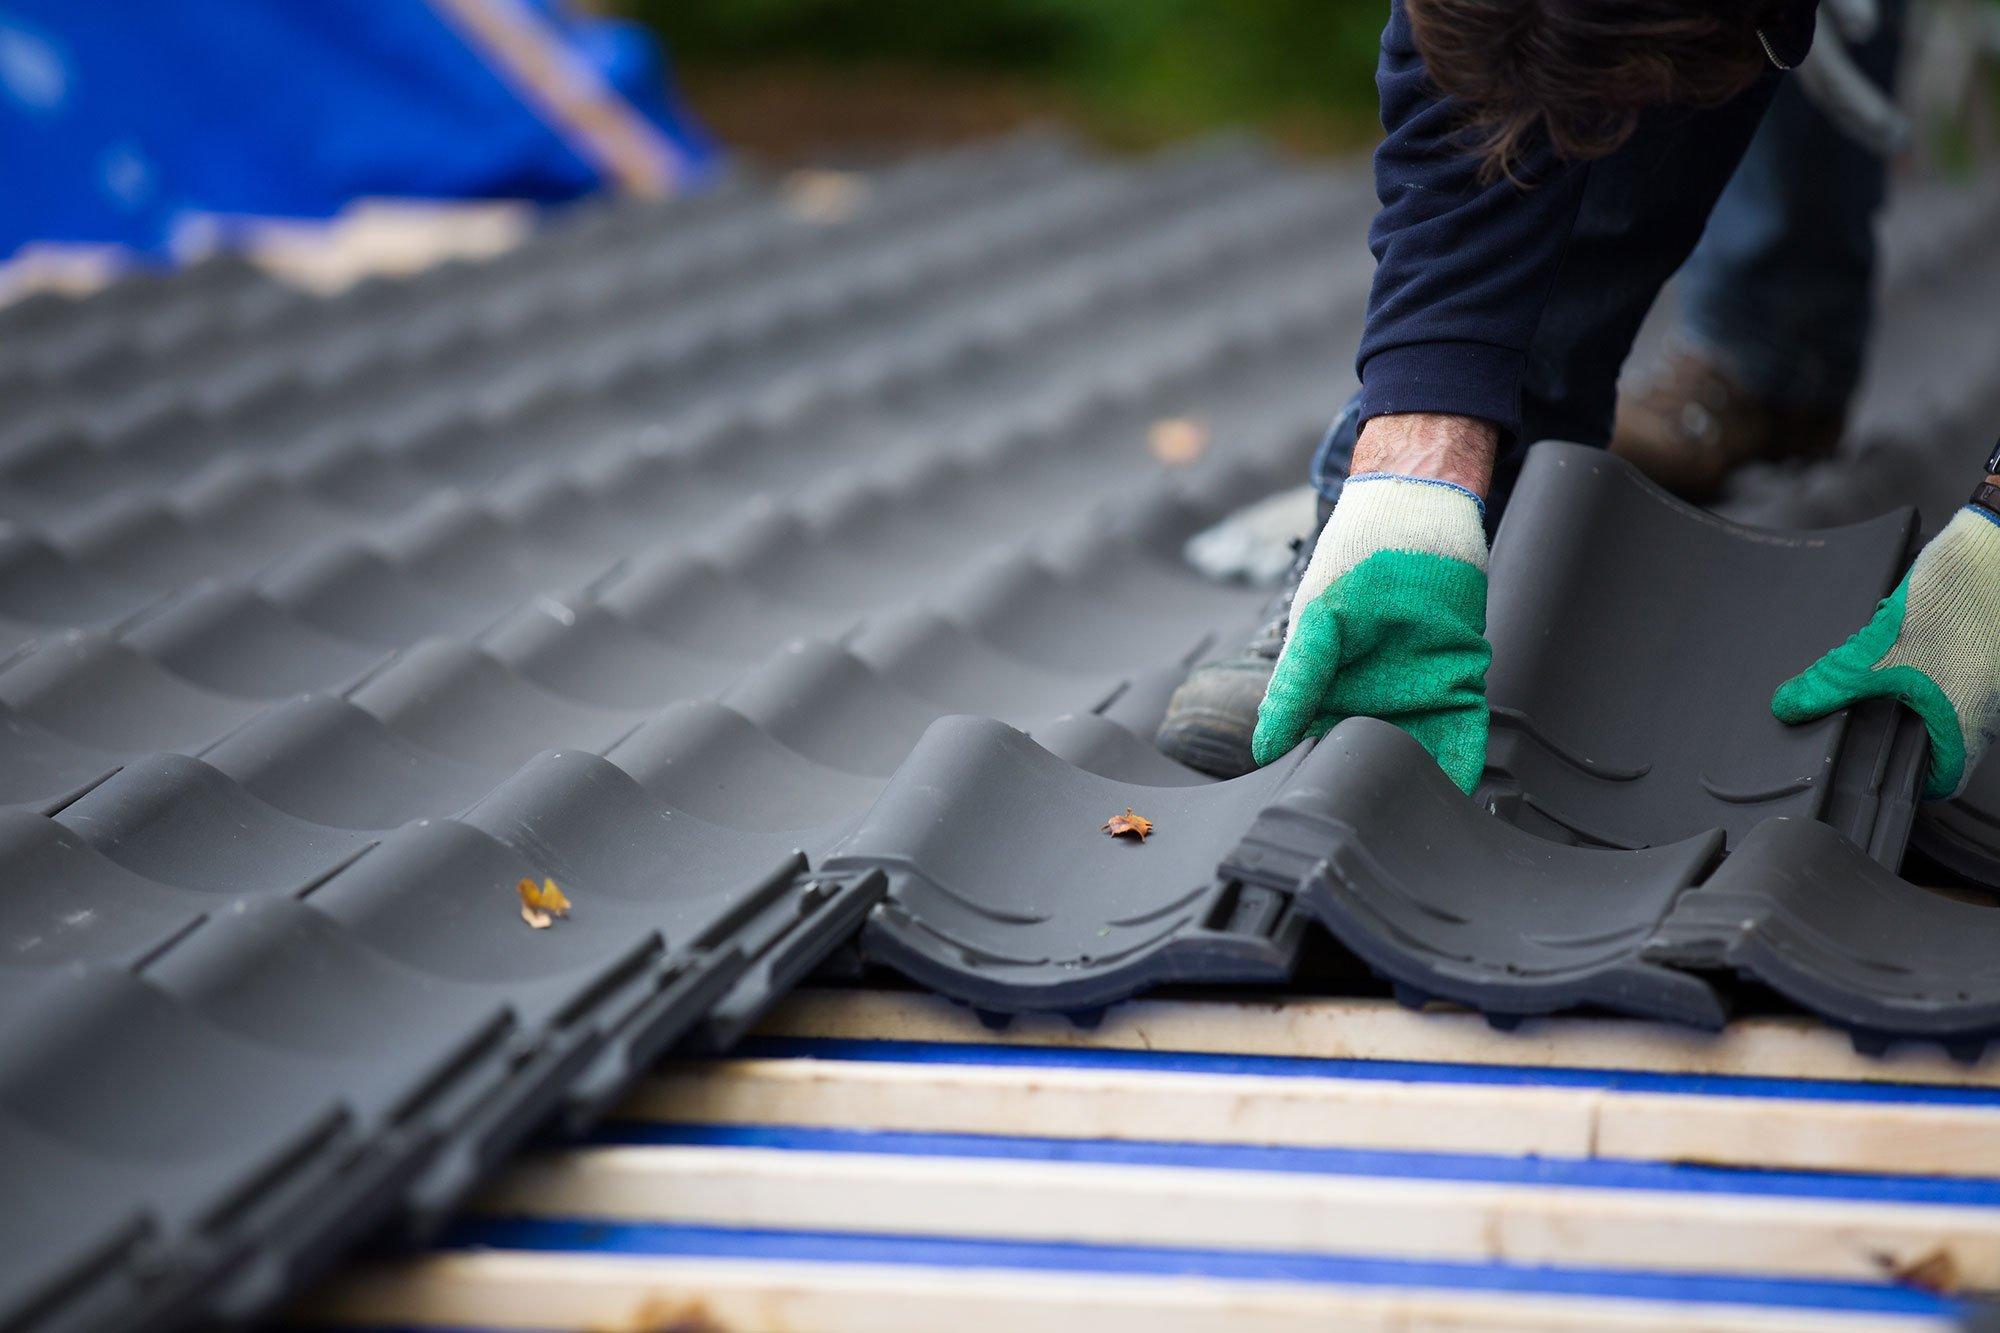 Roofing contractors in Benton, Arkansas